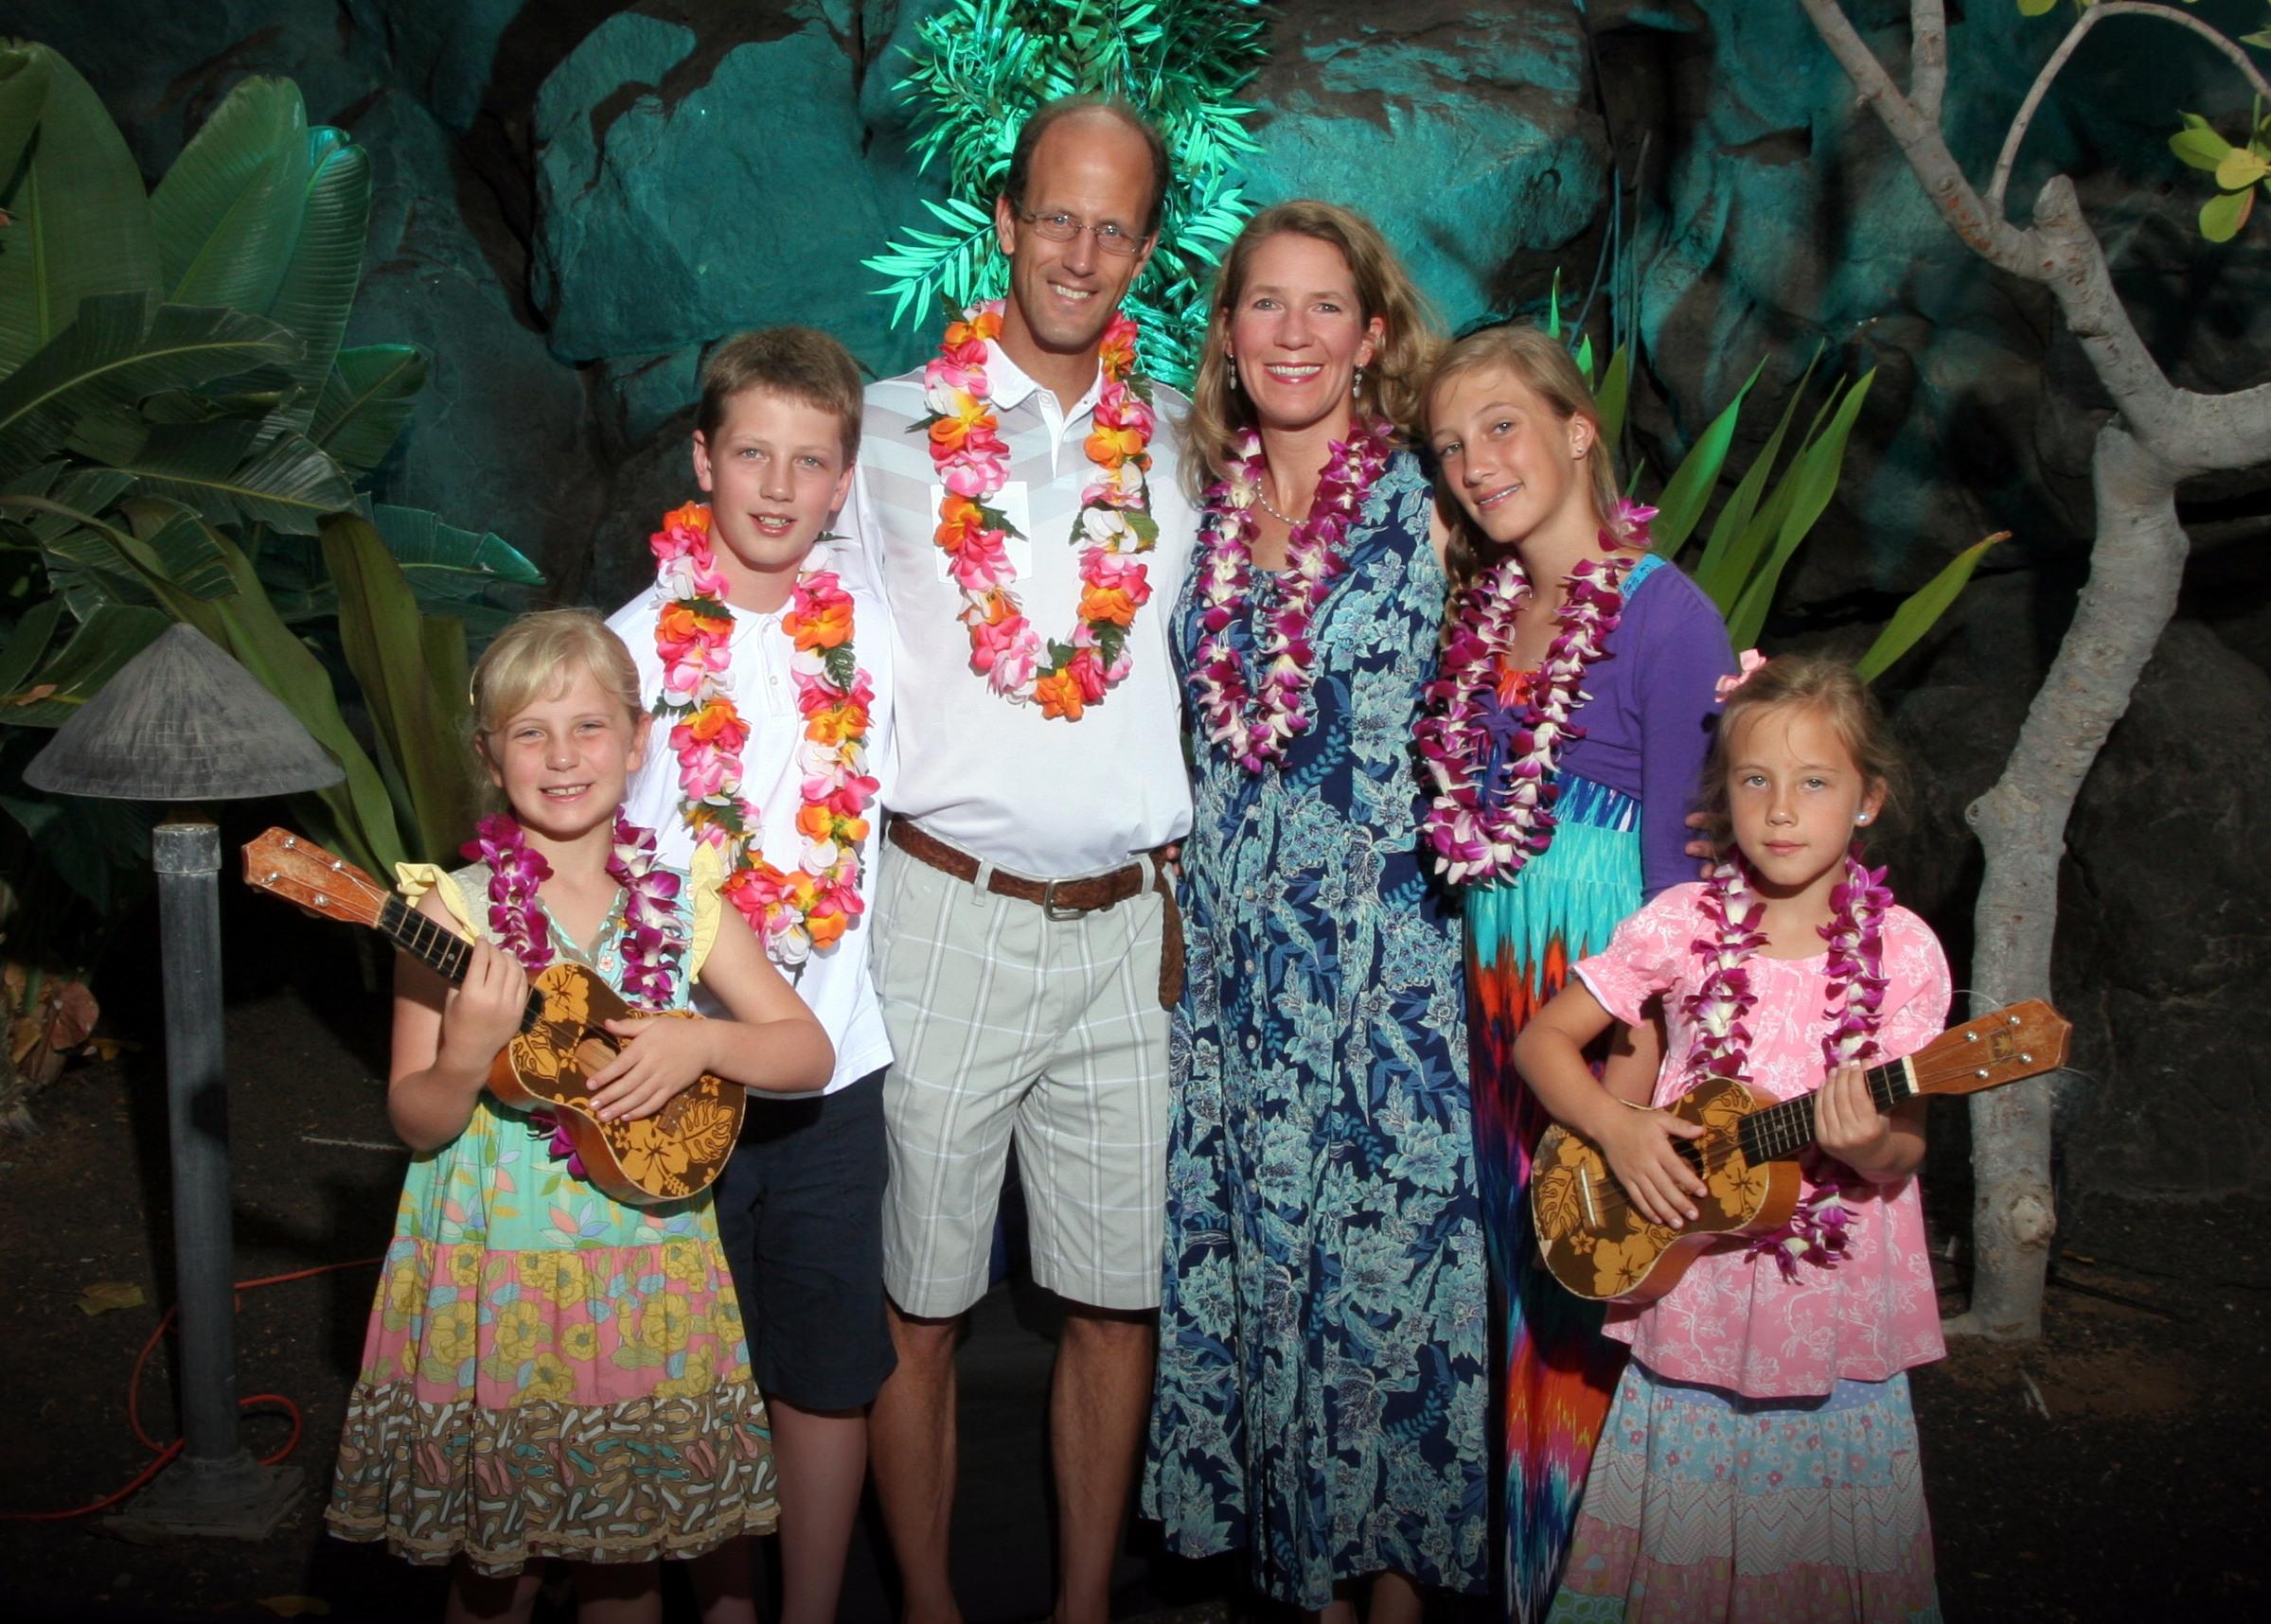 Family Vacation to Hawaii